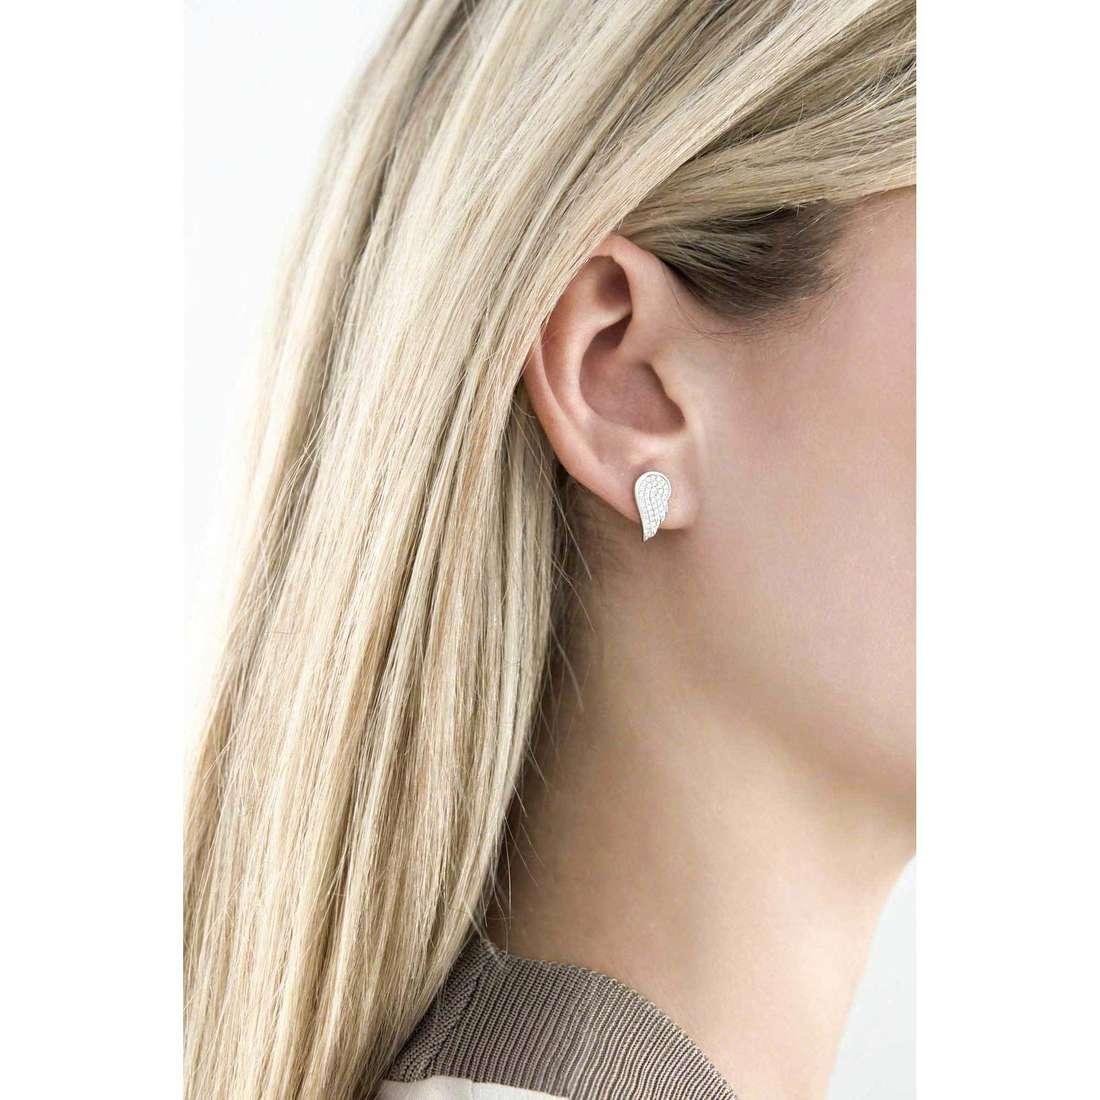 Giannotti boucles d'oreille Angeli femme GIANNOTTIGIA315 photo wearing